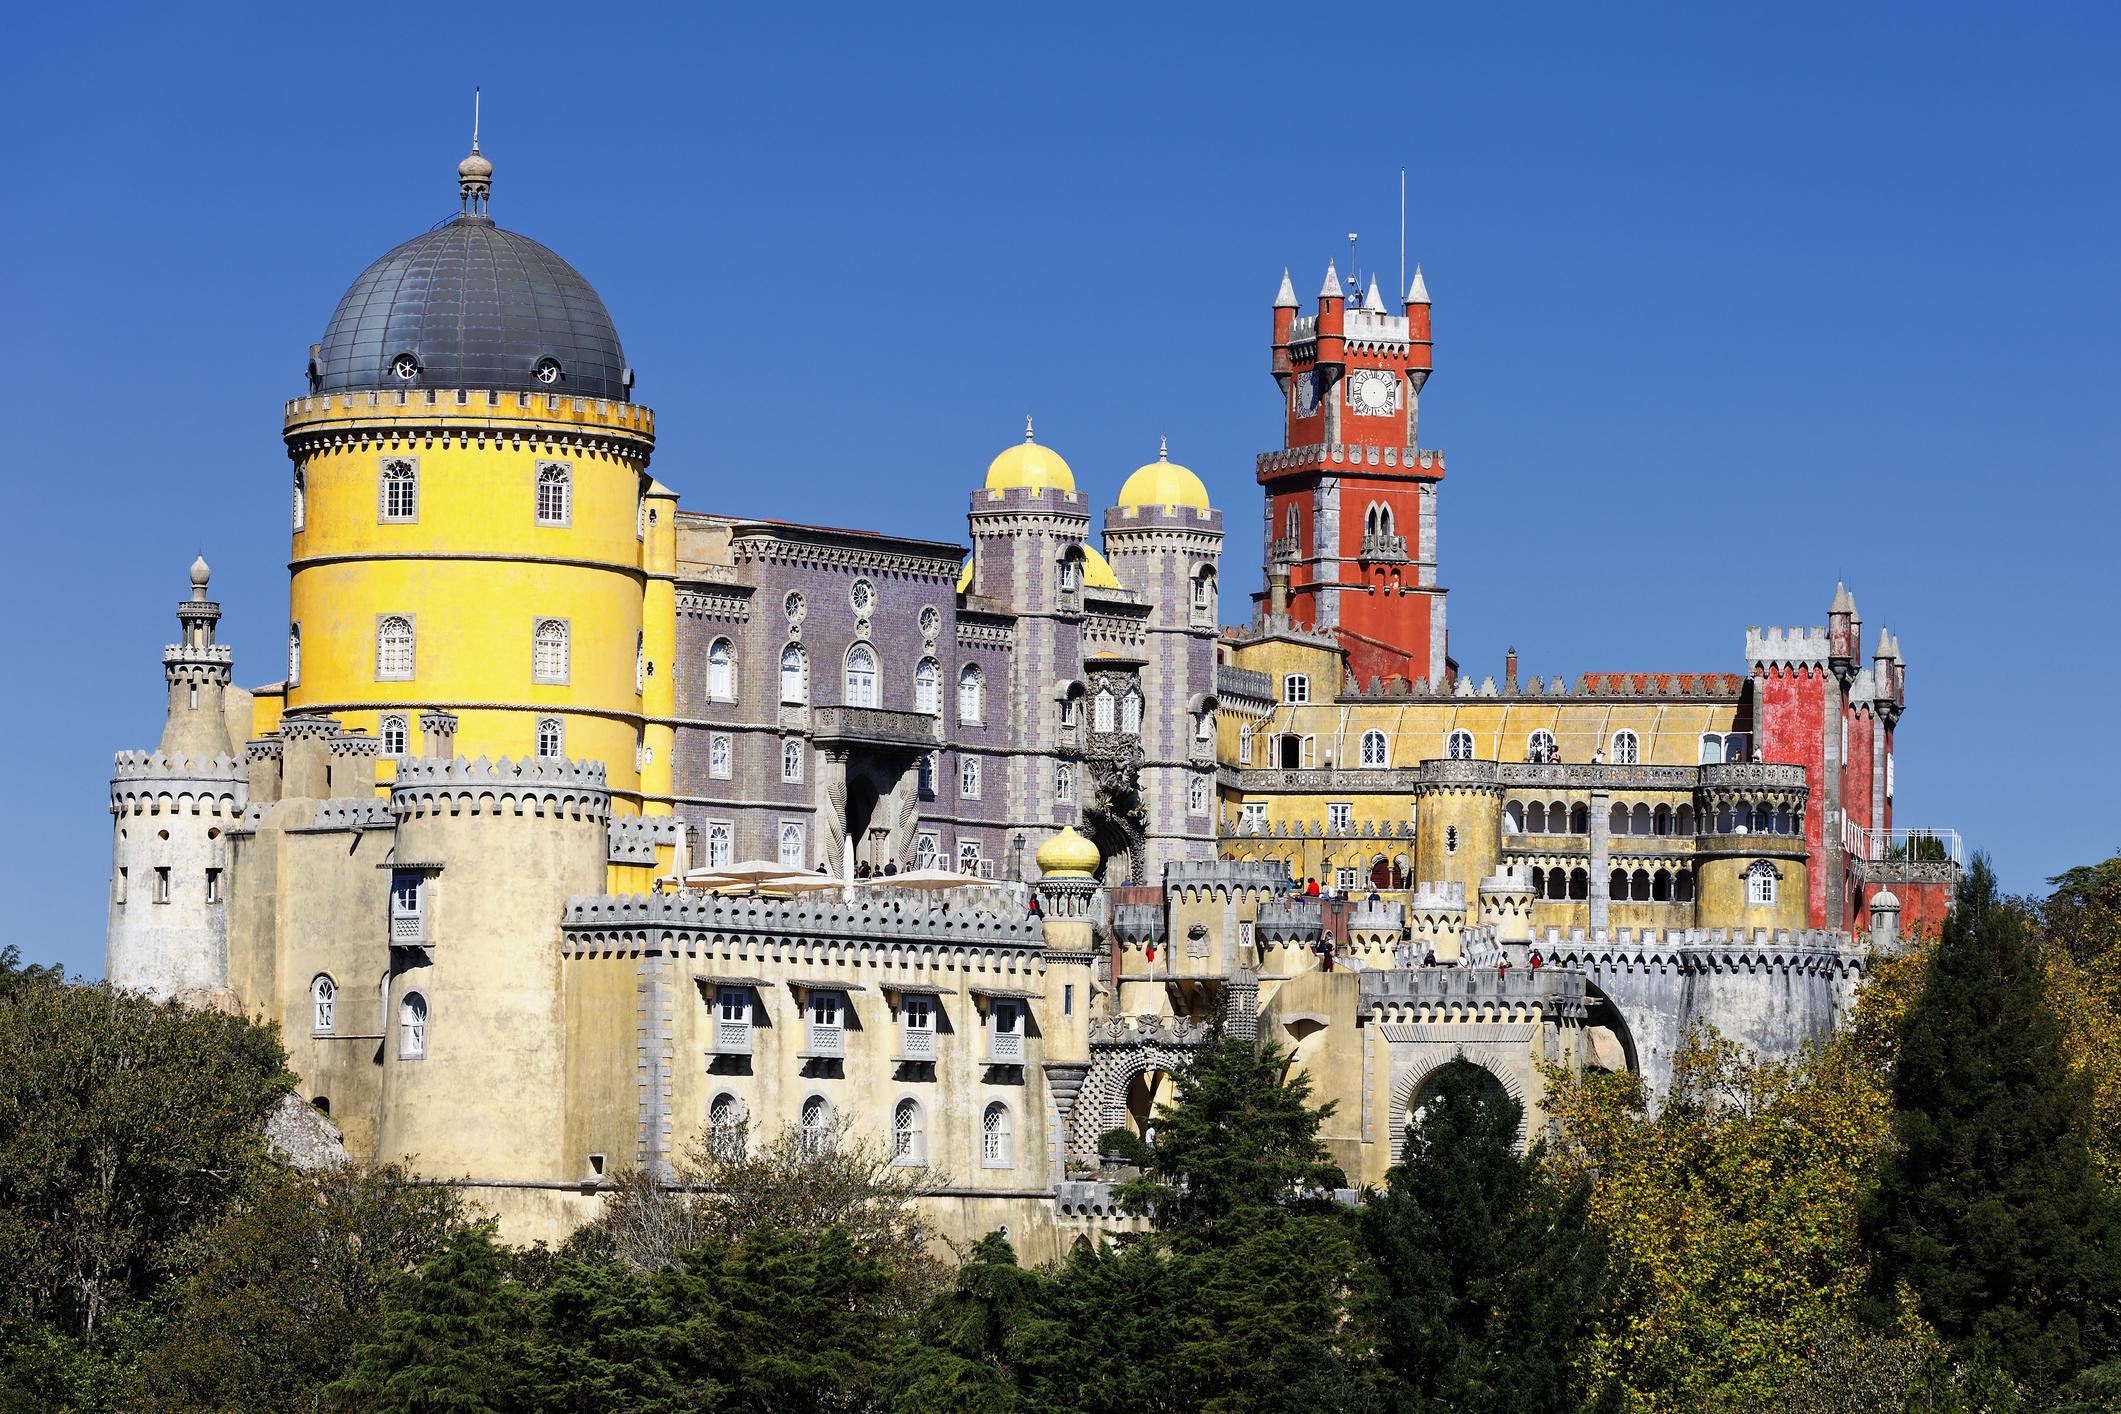 Palácio da Pena é um dos castelos de portugal